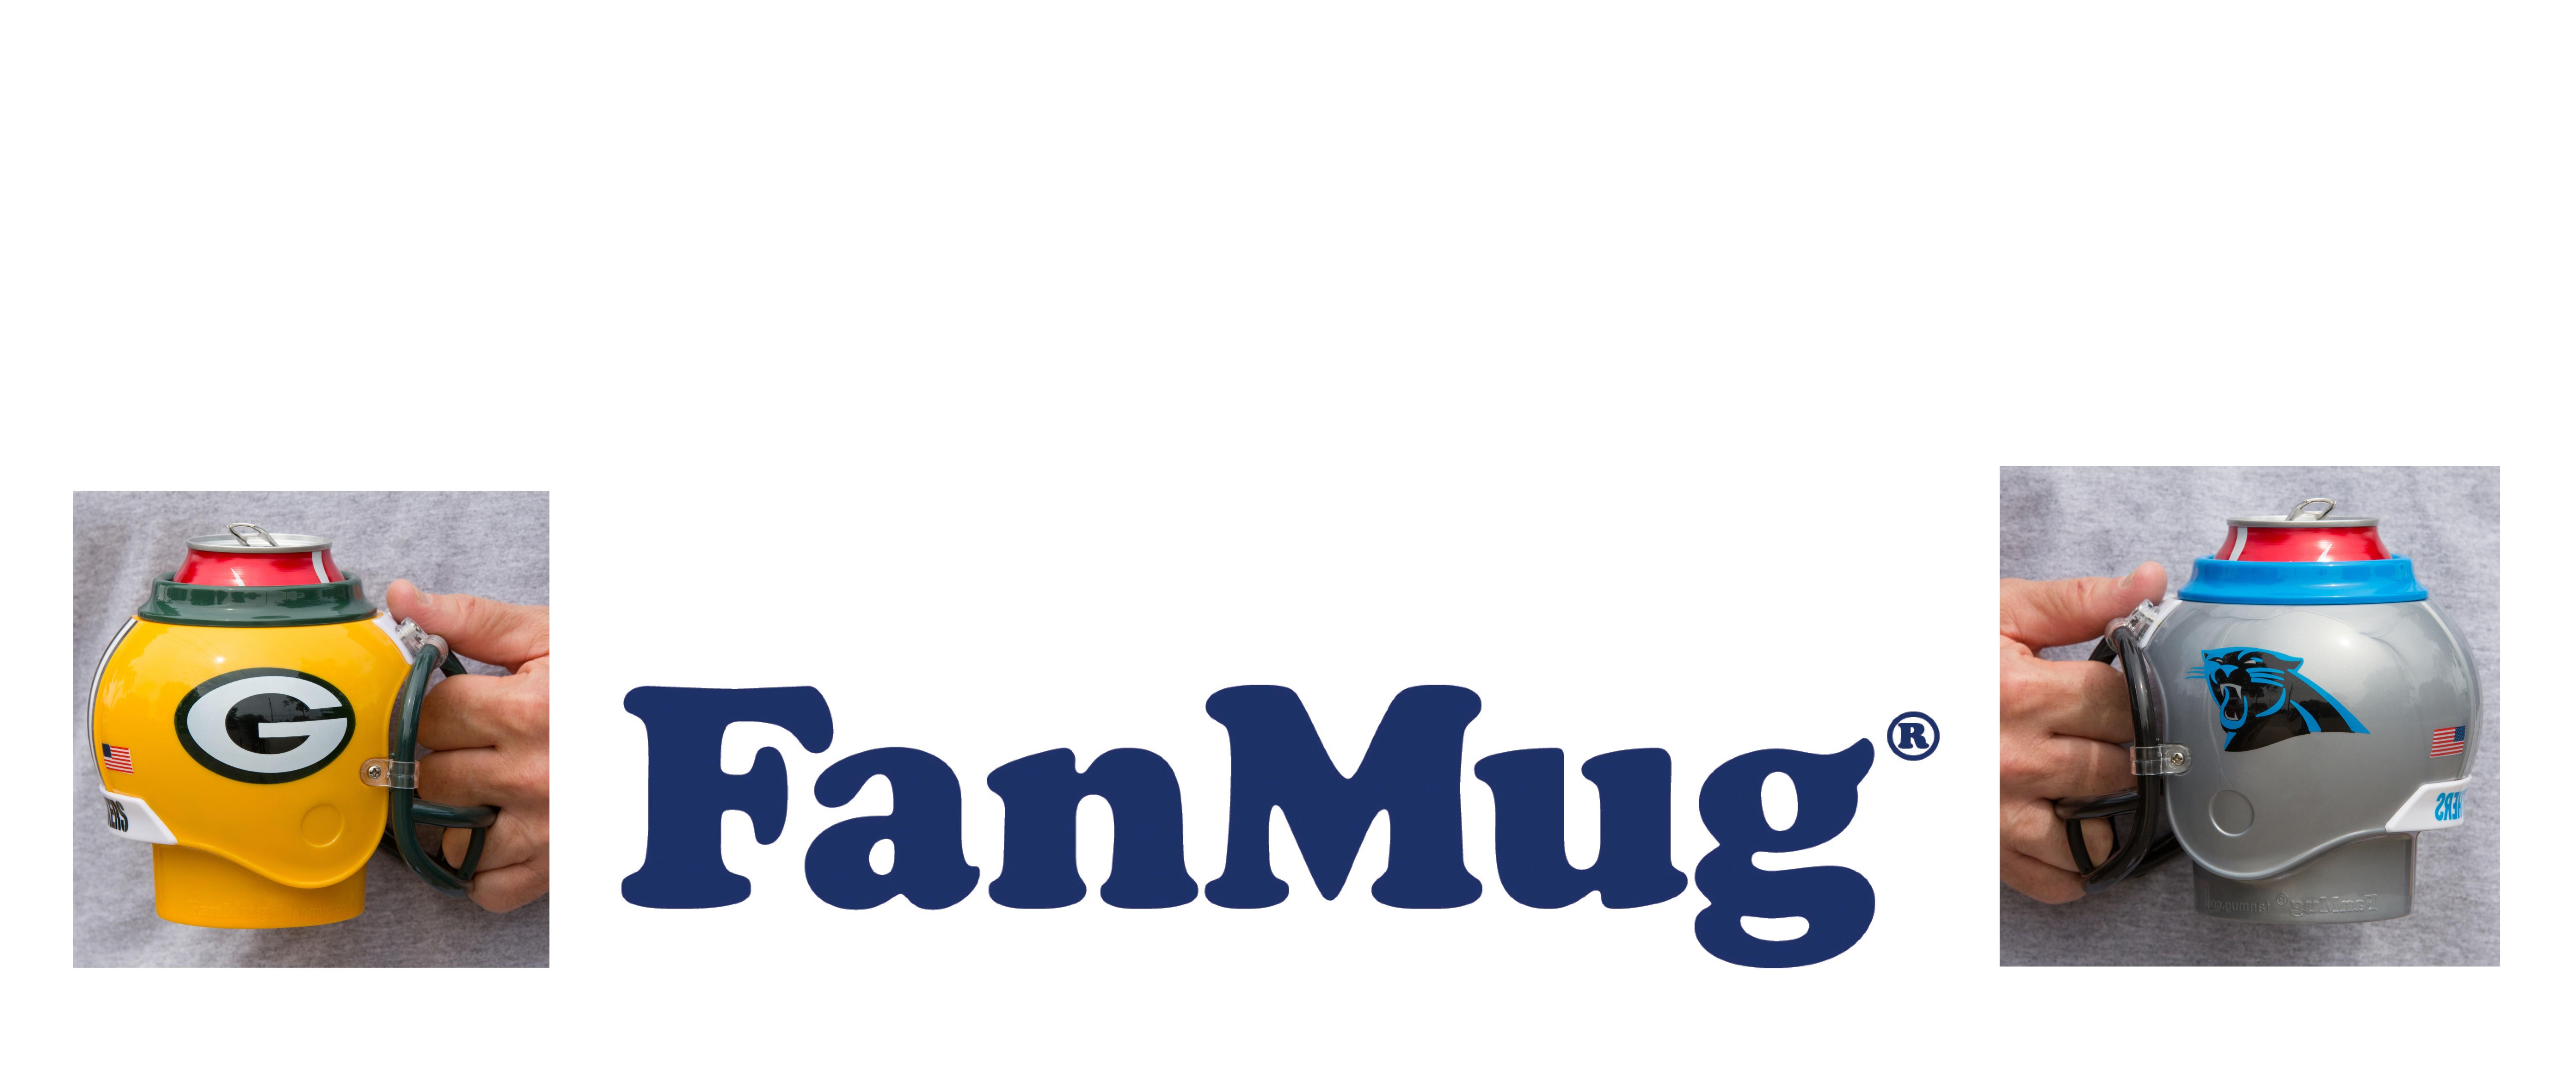 FanMug